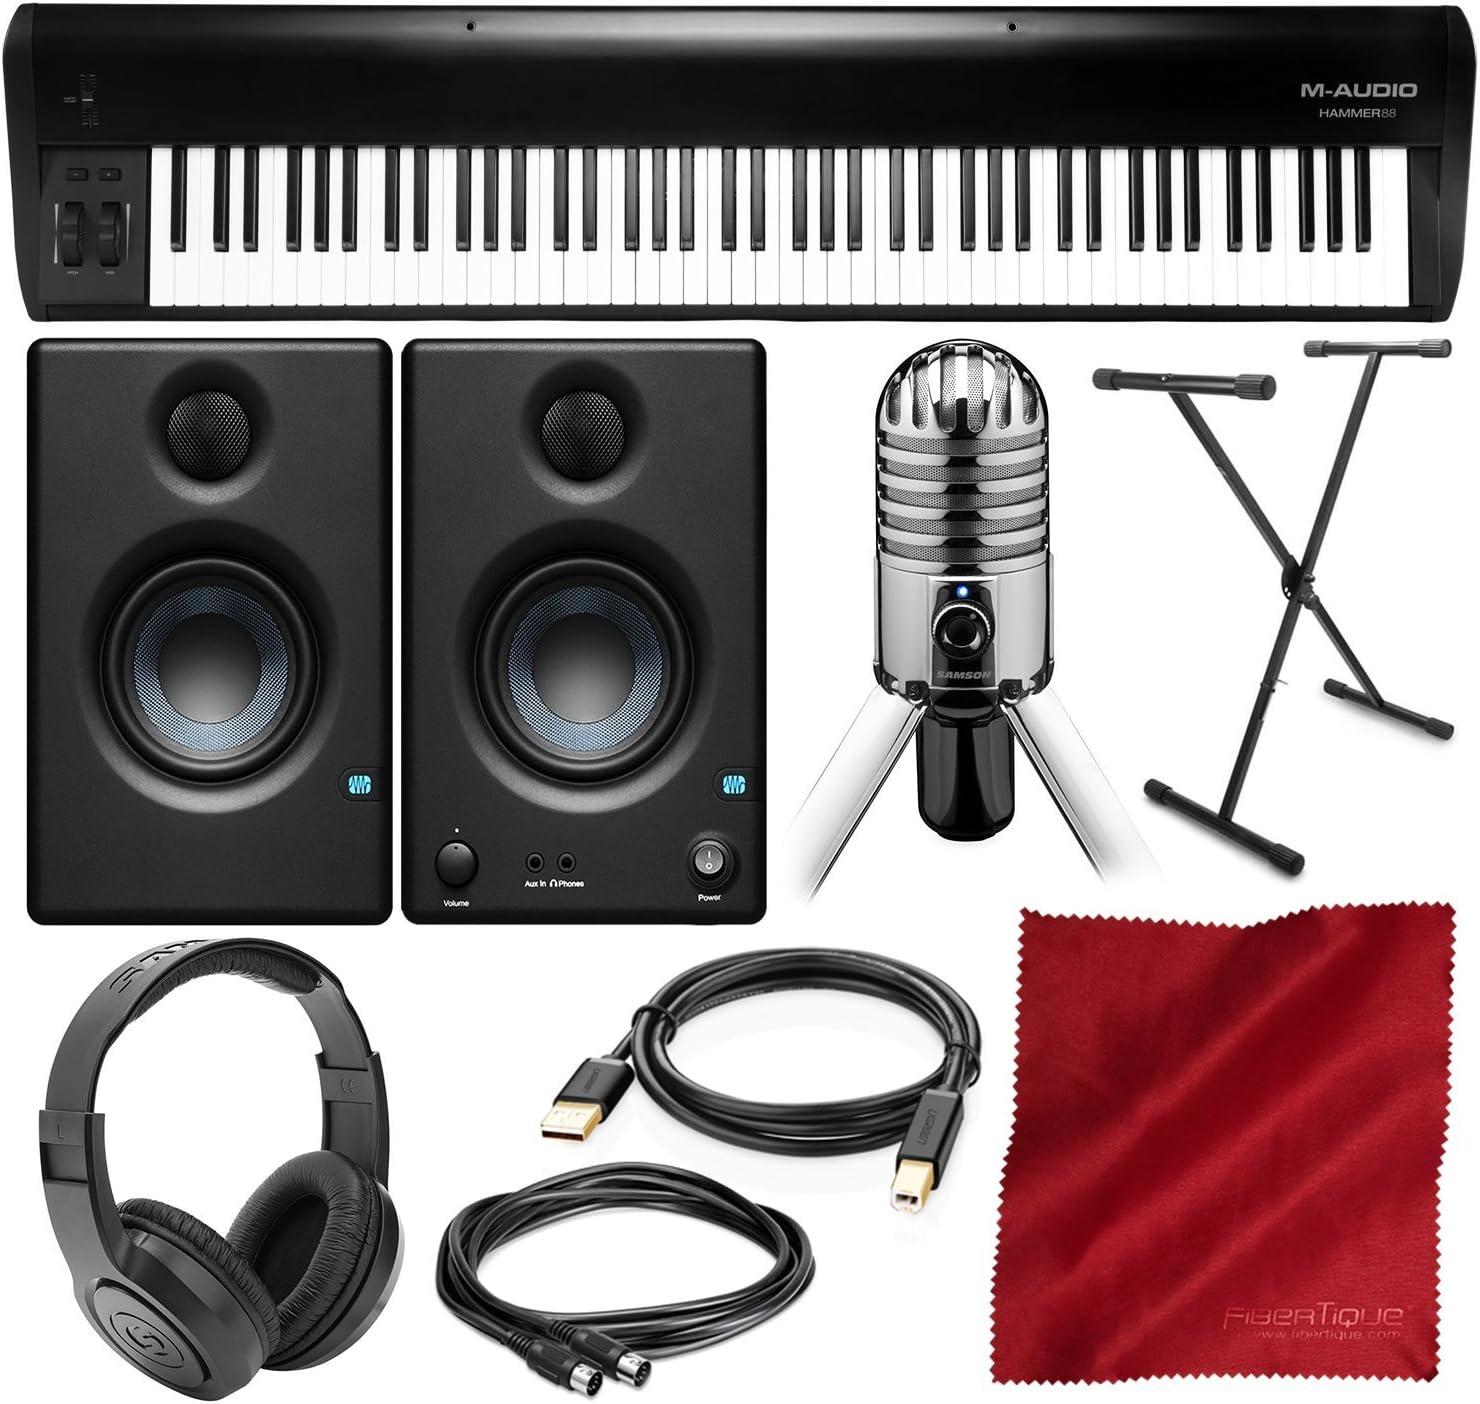 M-Audio Hammer 88 - Controlador de teclado USB/MIDI de 88 teclas con monitores de estudio Presonus Eris E3.5, micrófono USB Samson y paquete de lujo: Amazon.es: Instrumentos musicales